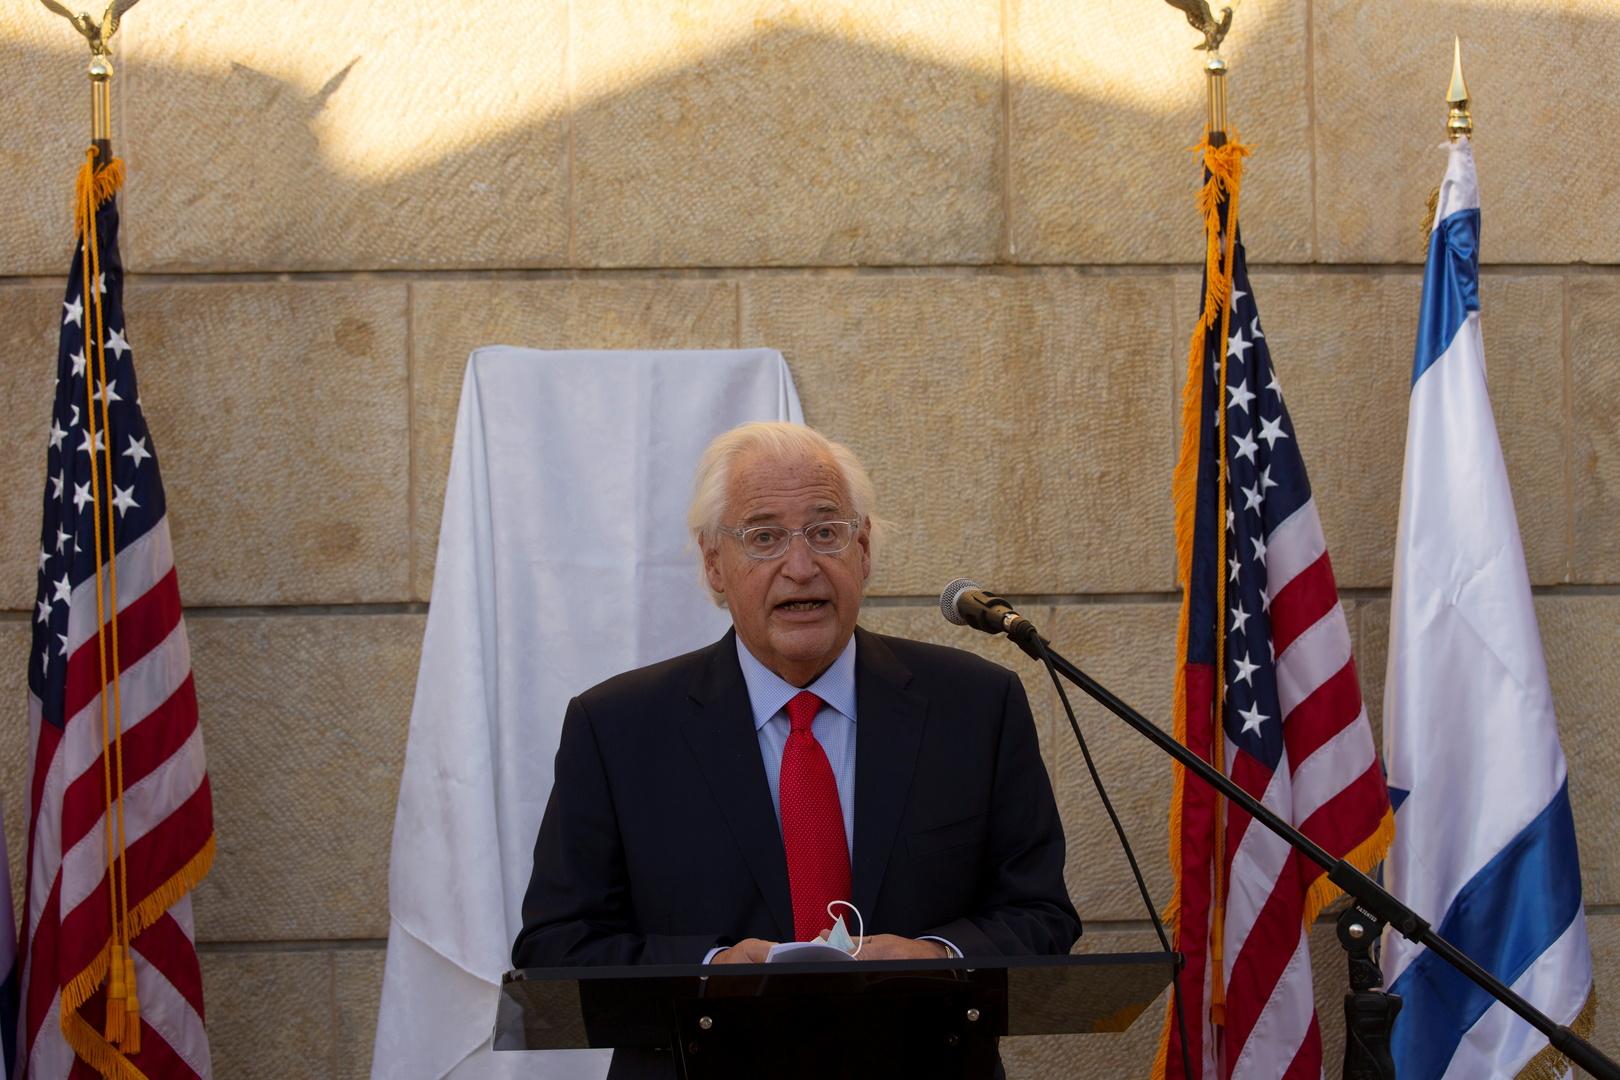 السفير الأمريكي في إسرائيل يحذر من قرار محتمل لبايدن سيقوض اتفاقات التطبيع